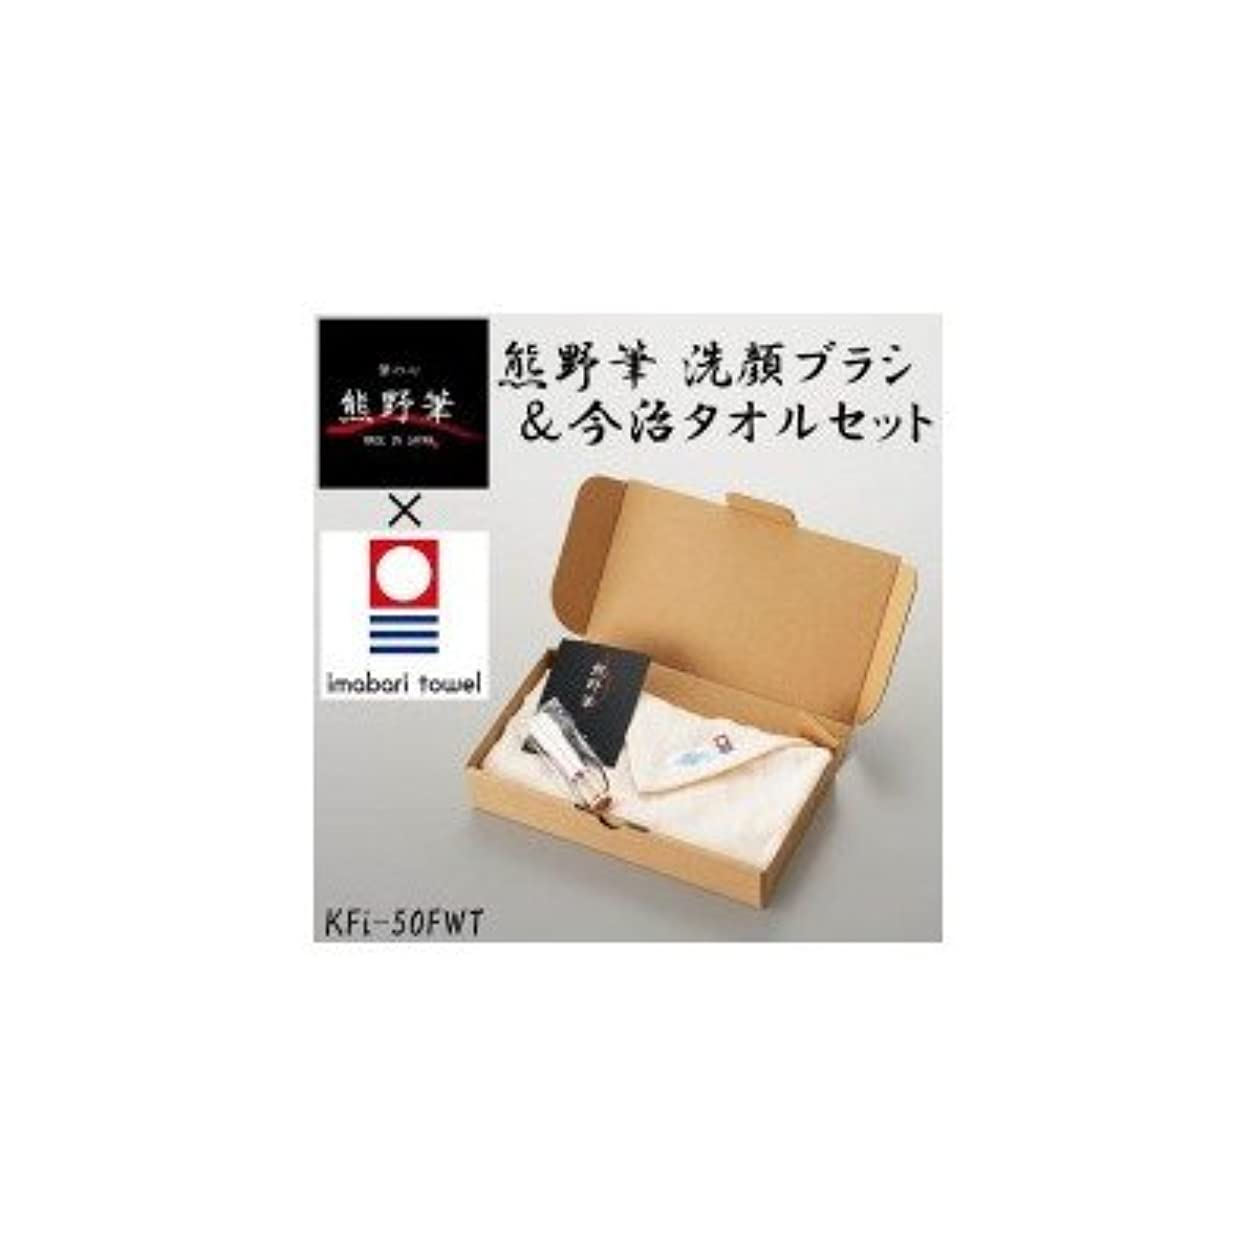 大佐パンサー偽装する熊野筆と今治タオルのコラボレーション 熊野筆 洗顔ブラシ&今治タオルセット KFi-50FWT